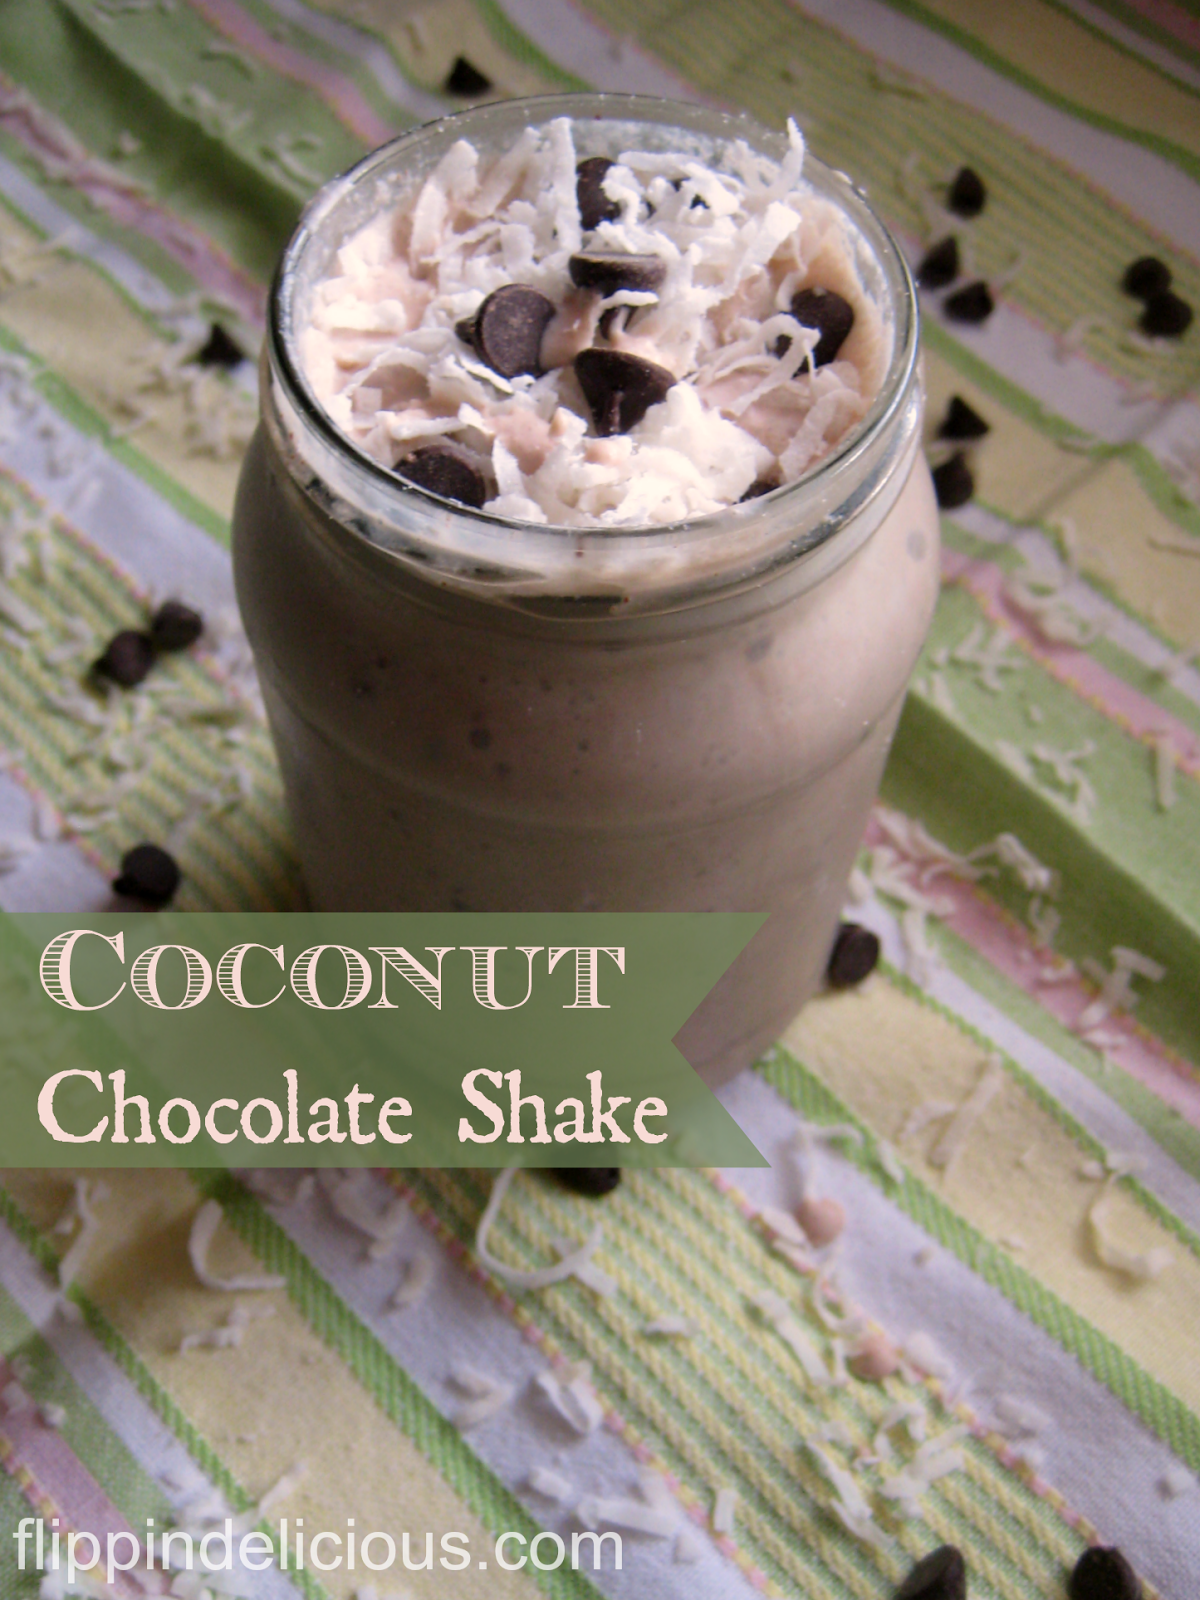 Sweet and icy #coconut #chocolate #milkshake. The perfect refreshing #glutenfree, #dairyfree shake.